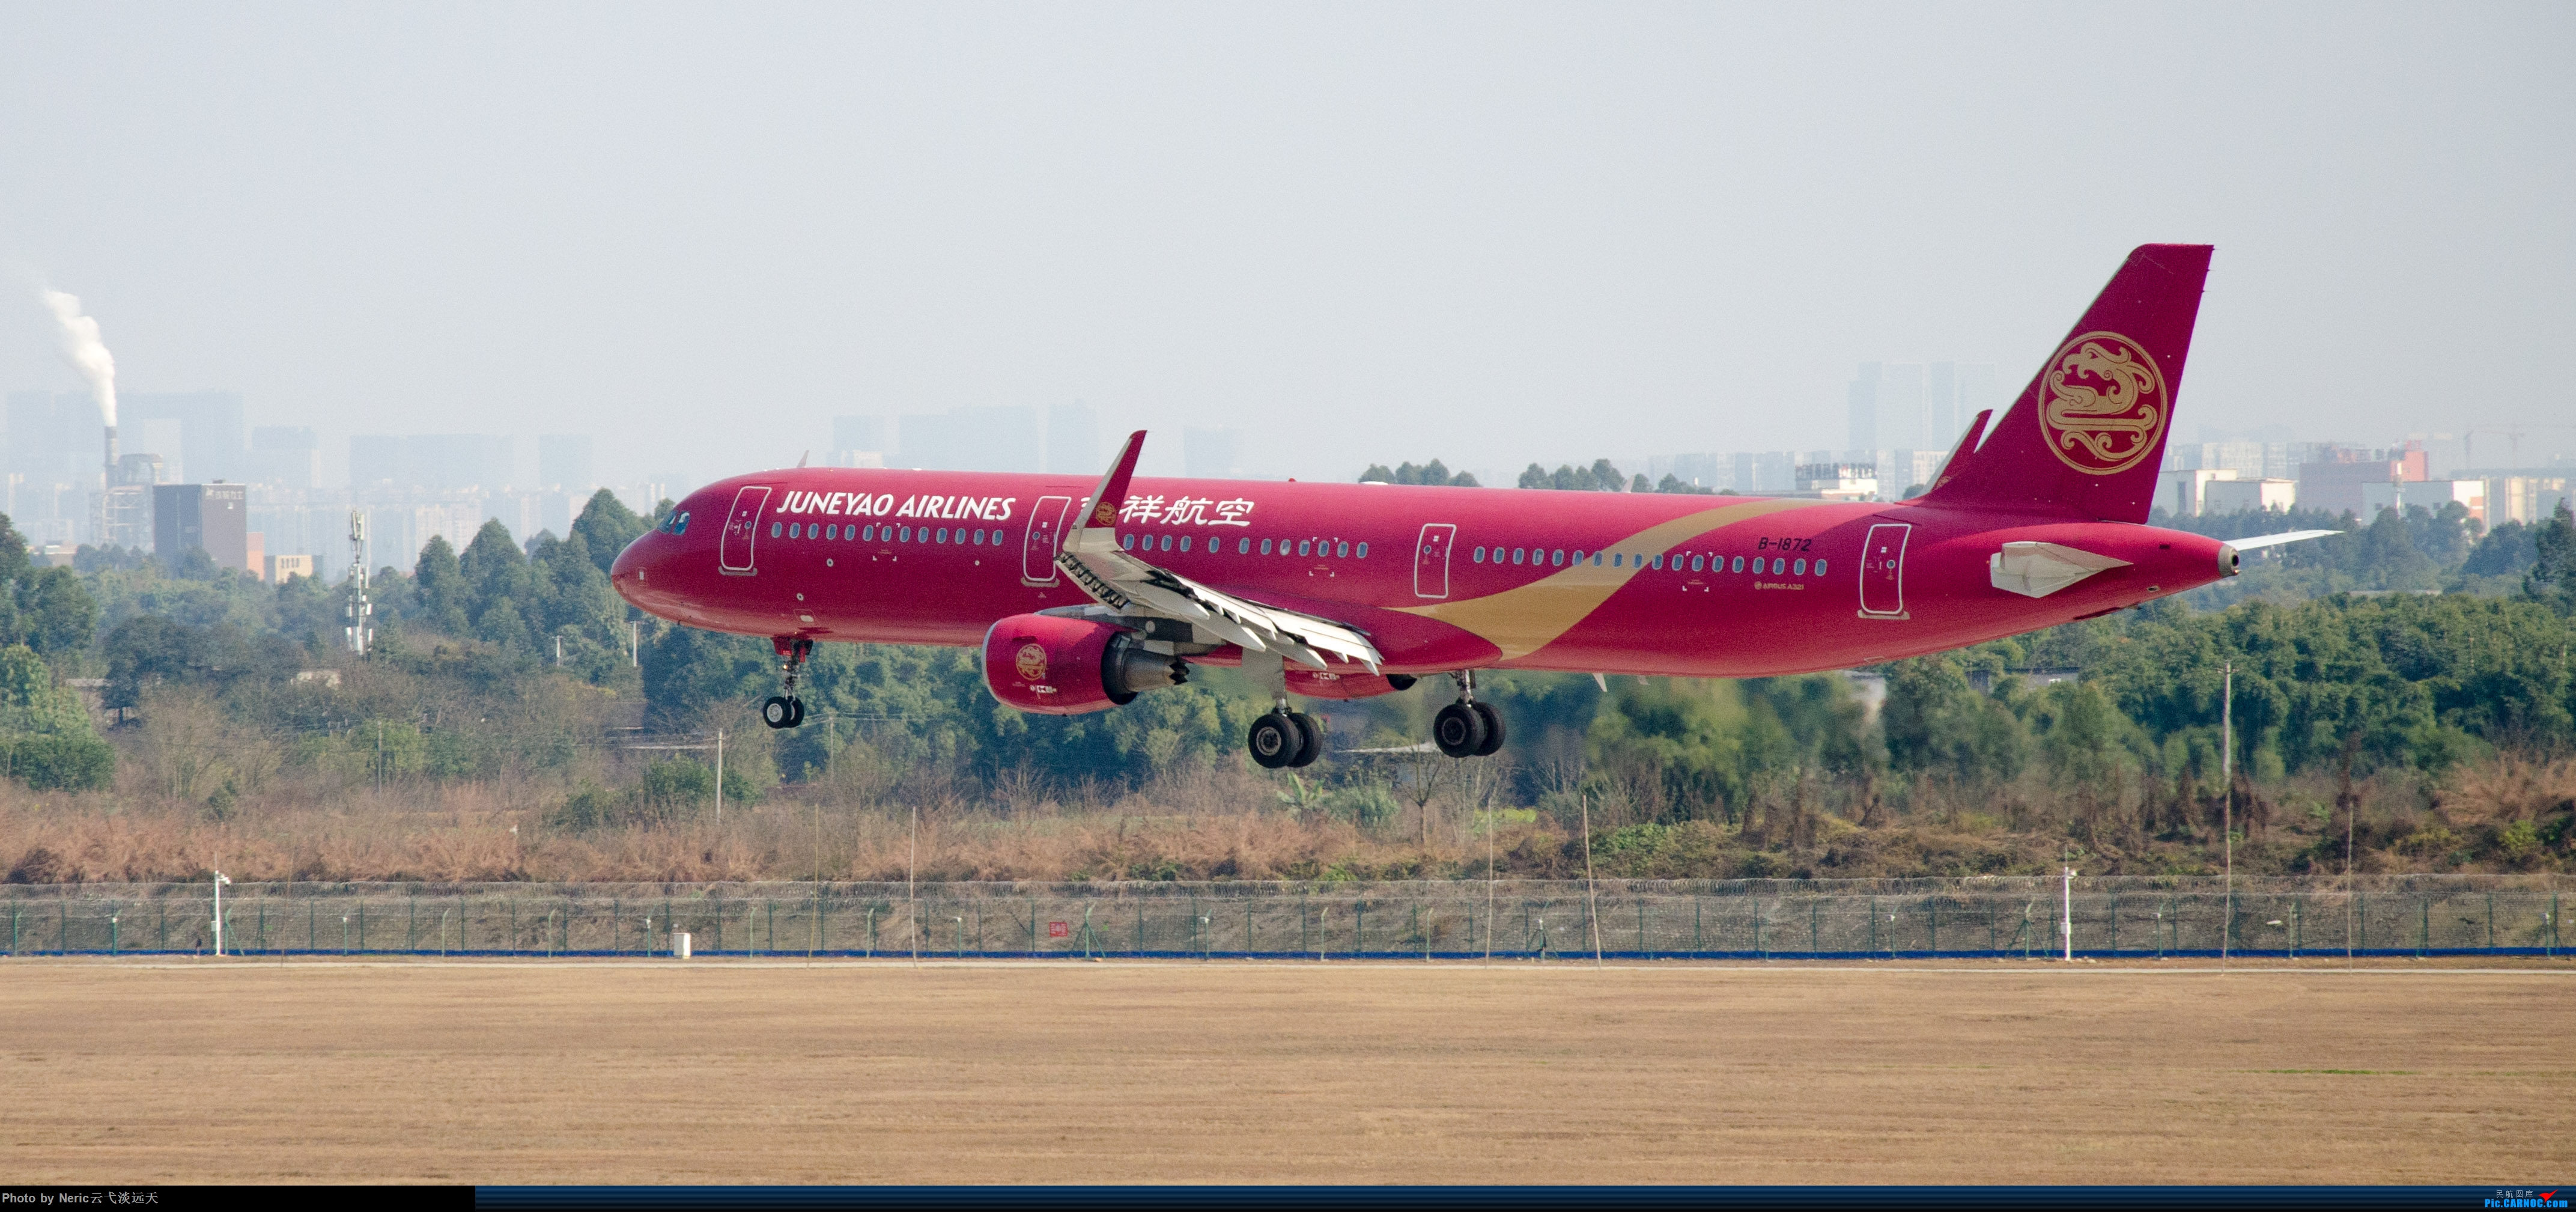 Re:[原创]双流机场日常拍机 AIRBUS A321-200 B-1872 中国成都双流国际机场